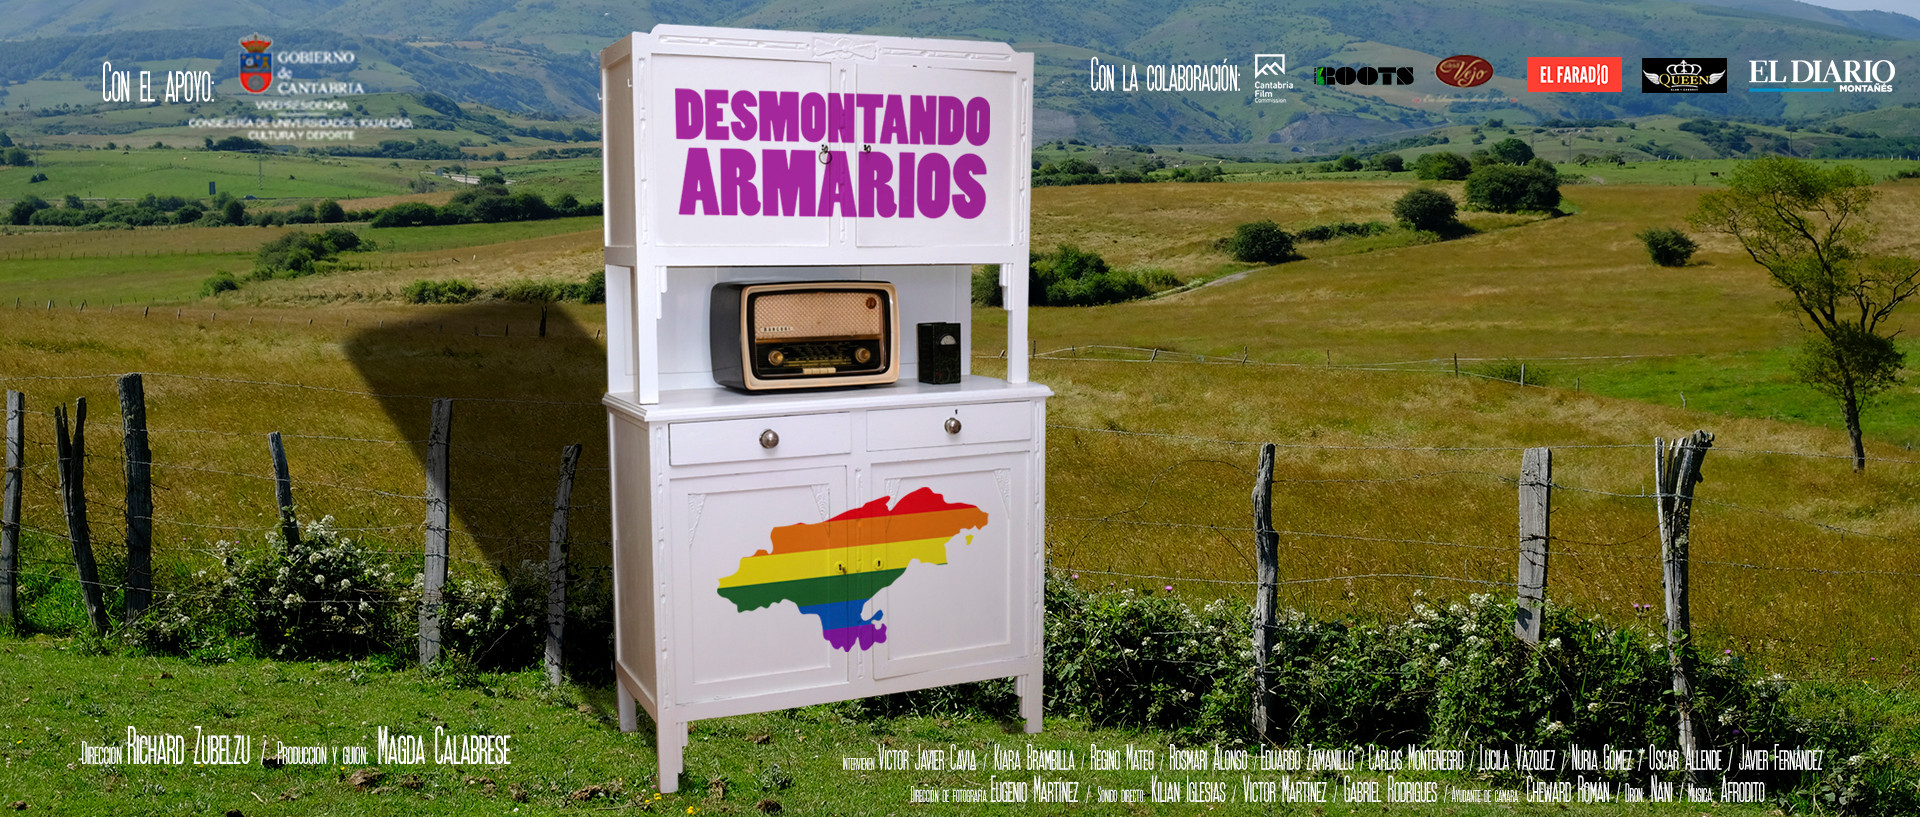 DESMONTANDO ARMARIOS